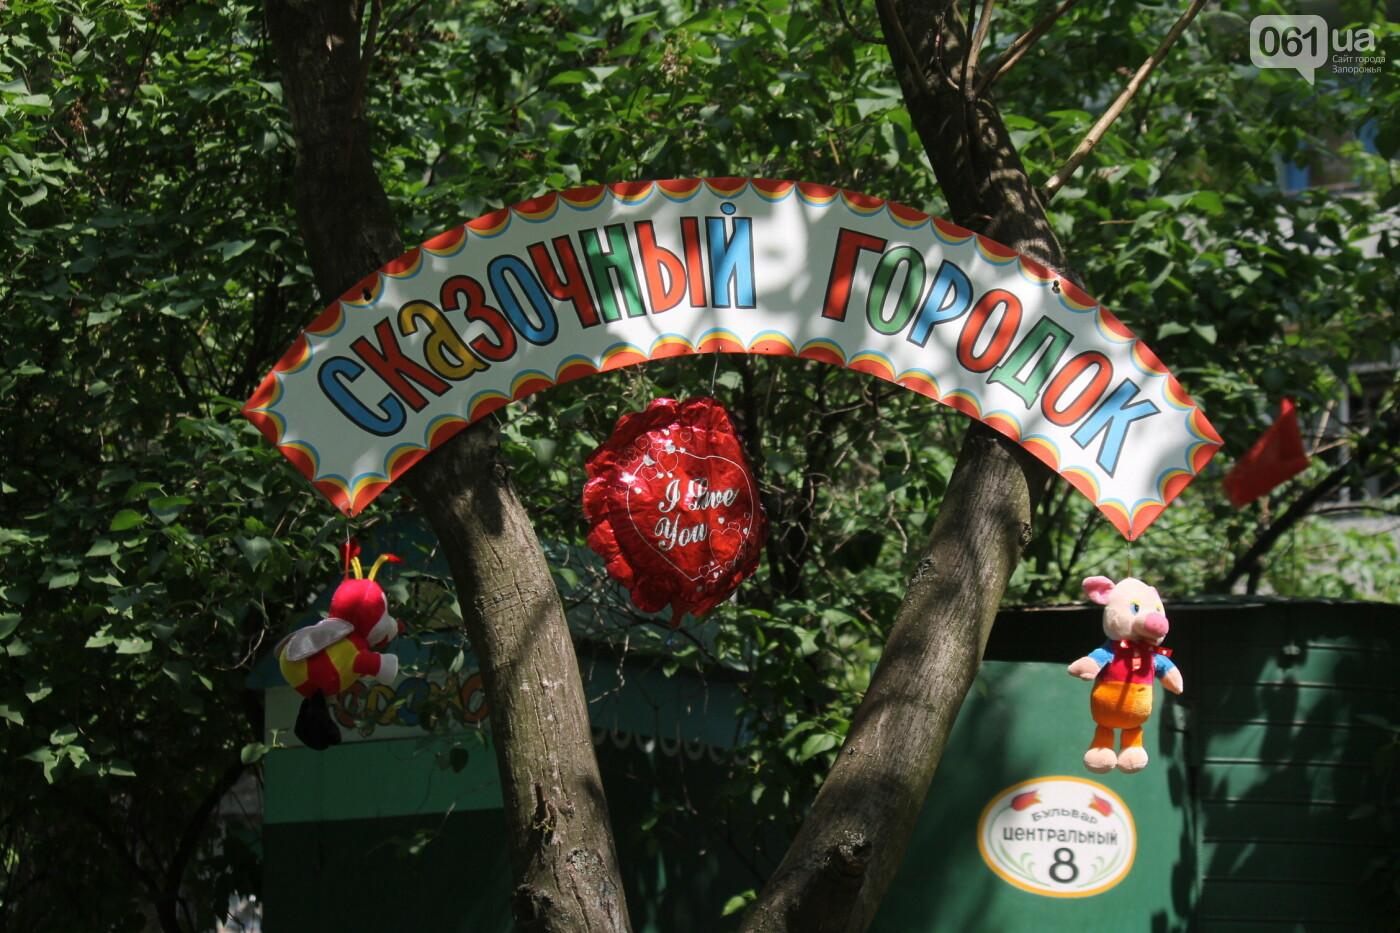 Сказочный городок дедушки Евгения: как запорожский пенсионер превратил заброшенный палисадник в зону для детей, – ФОТОРЕПОРТАЖ, фото-2